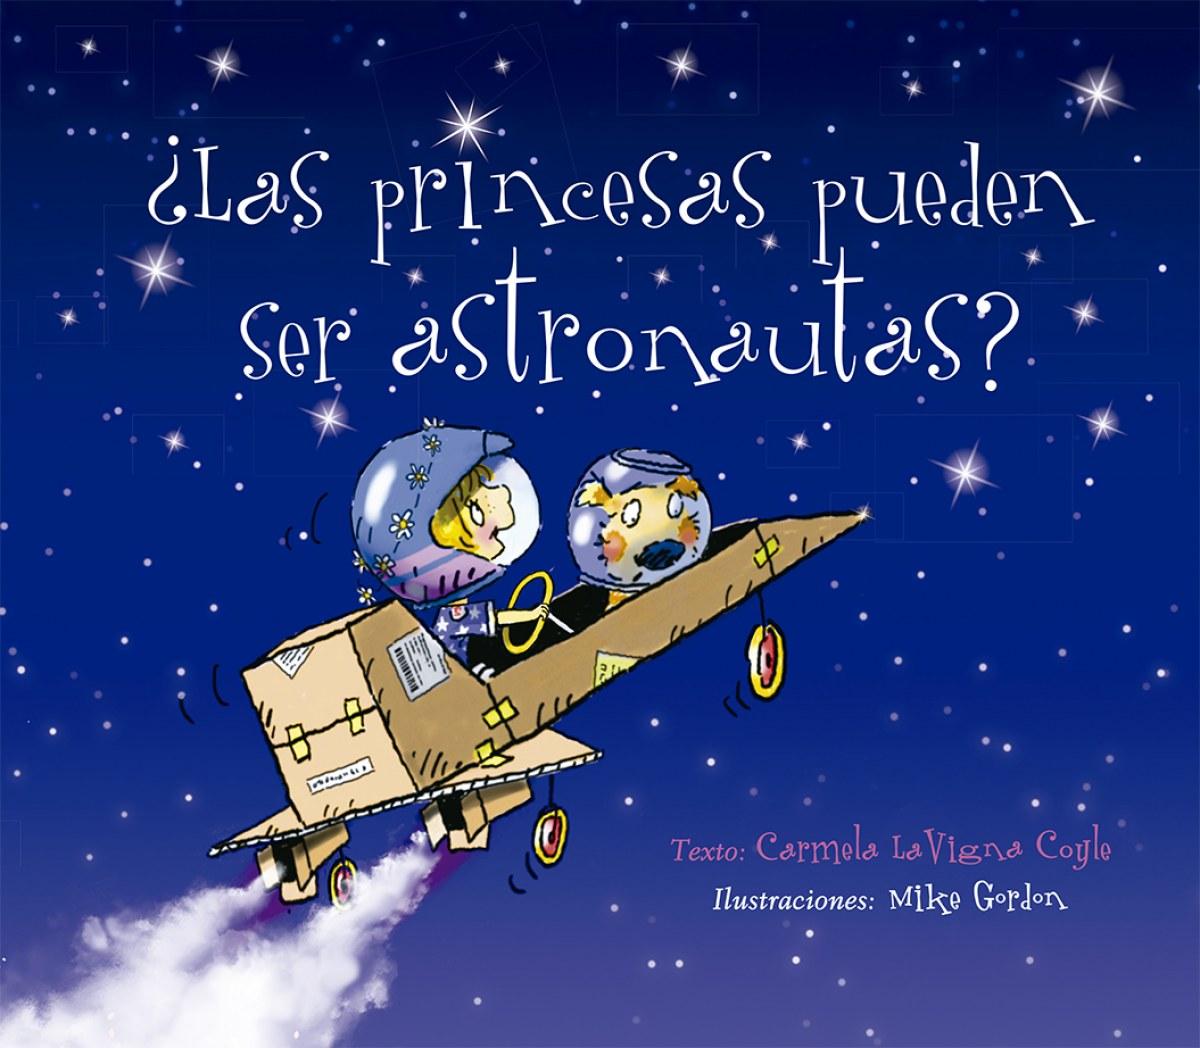 ¿Las princesas pueden ser astronautas?